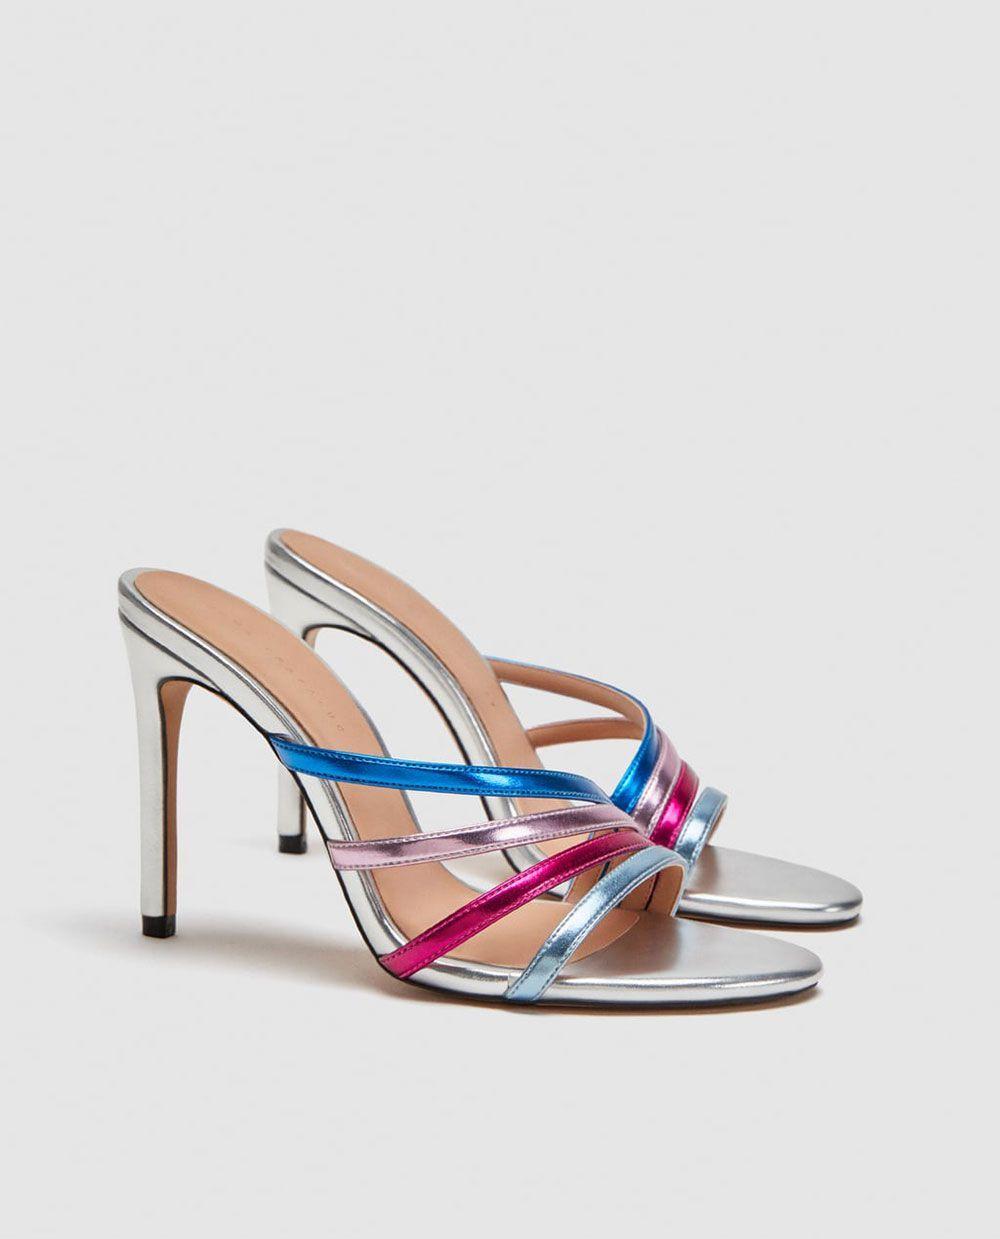 selezione migliore 006bf 7a817 I sandali di Zara che sembrano Gucci ci portano verso l ...